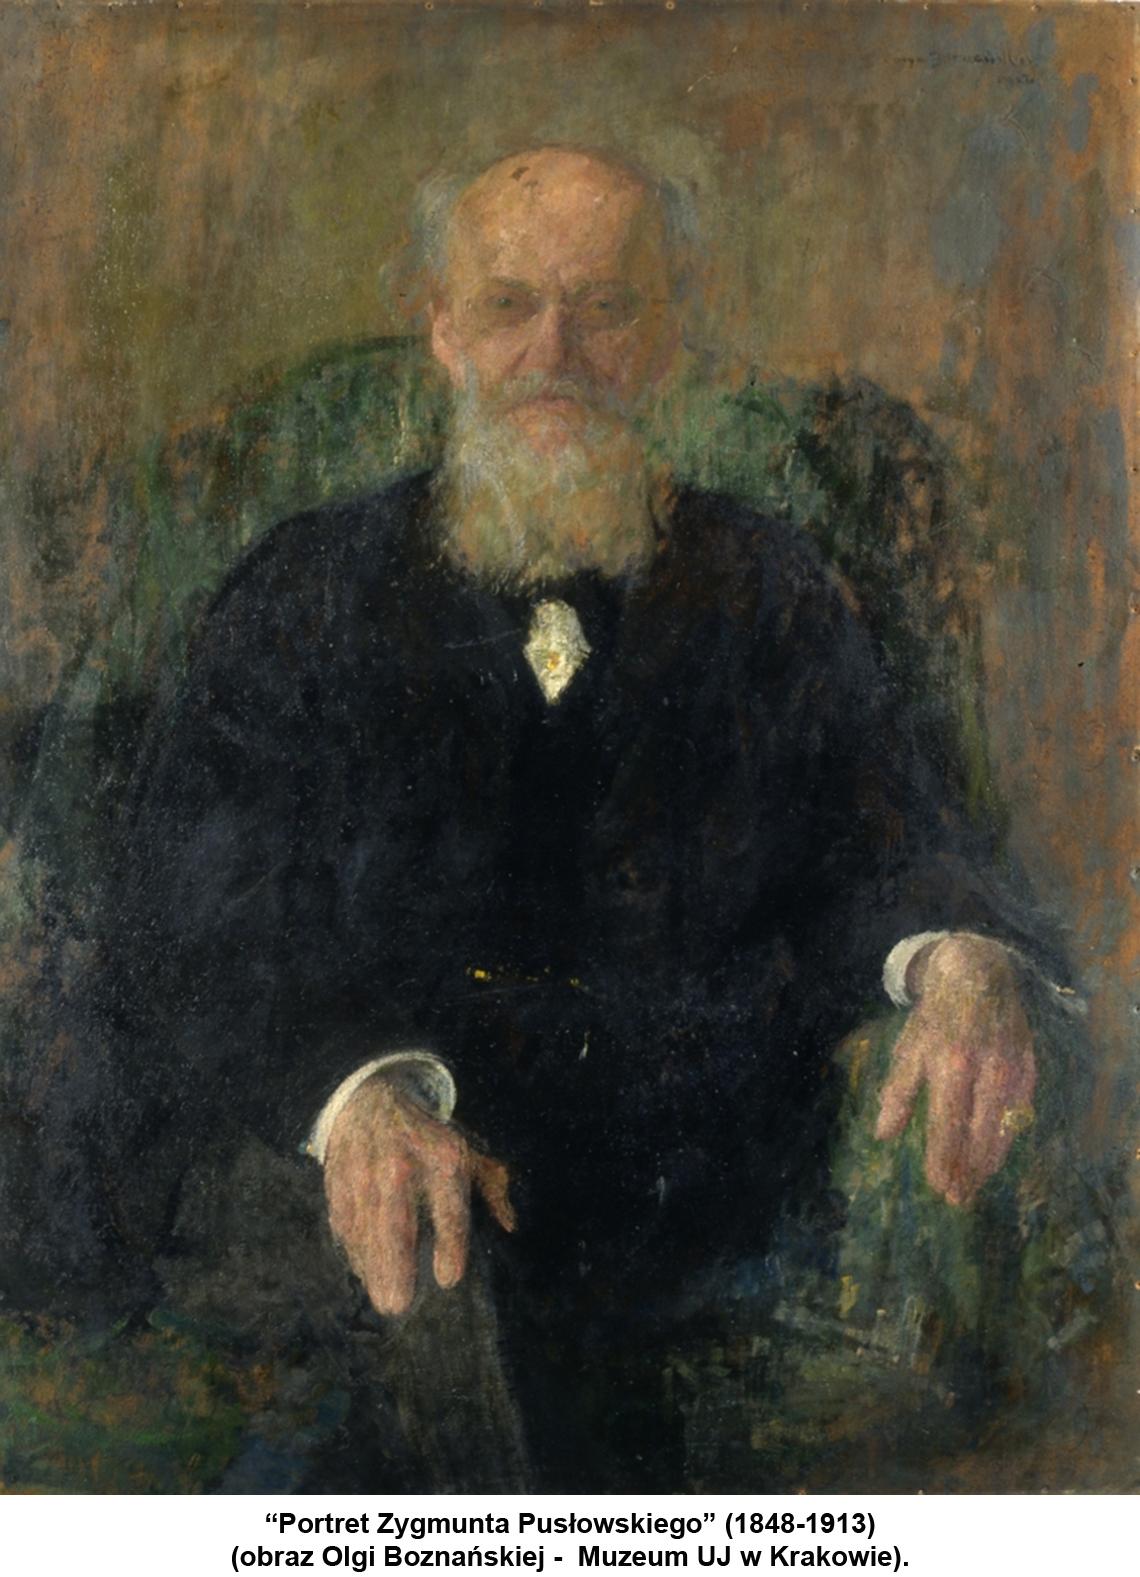 """""""Portret Zygmunta Pusłowskiego"""" (1848-1913) (obraz Olgi Boznańskiej - Muzeum UJ w Krakowie)."""